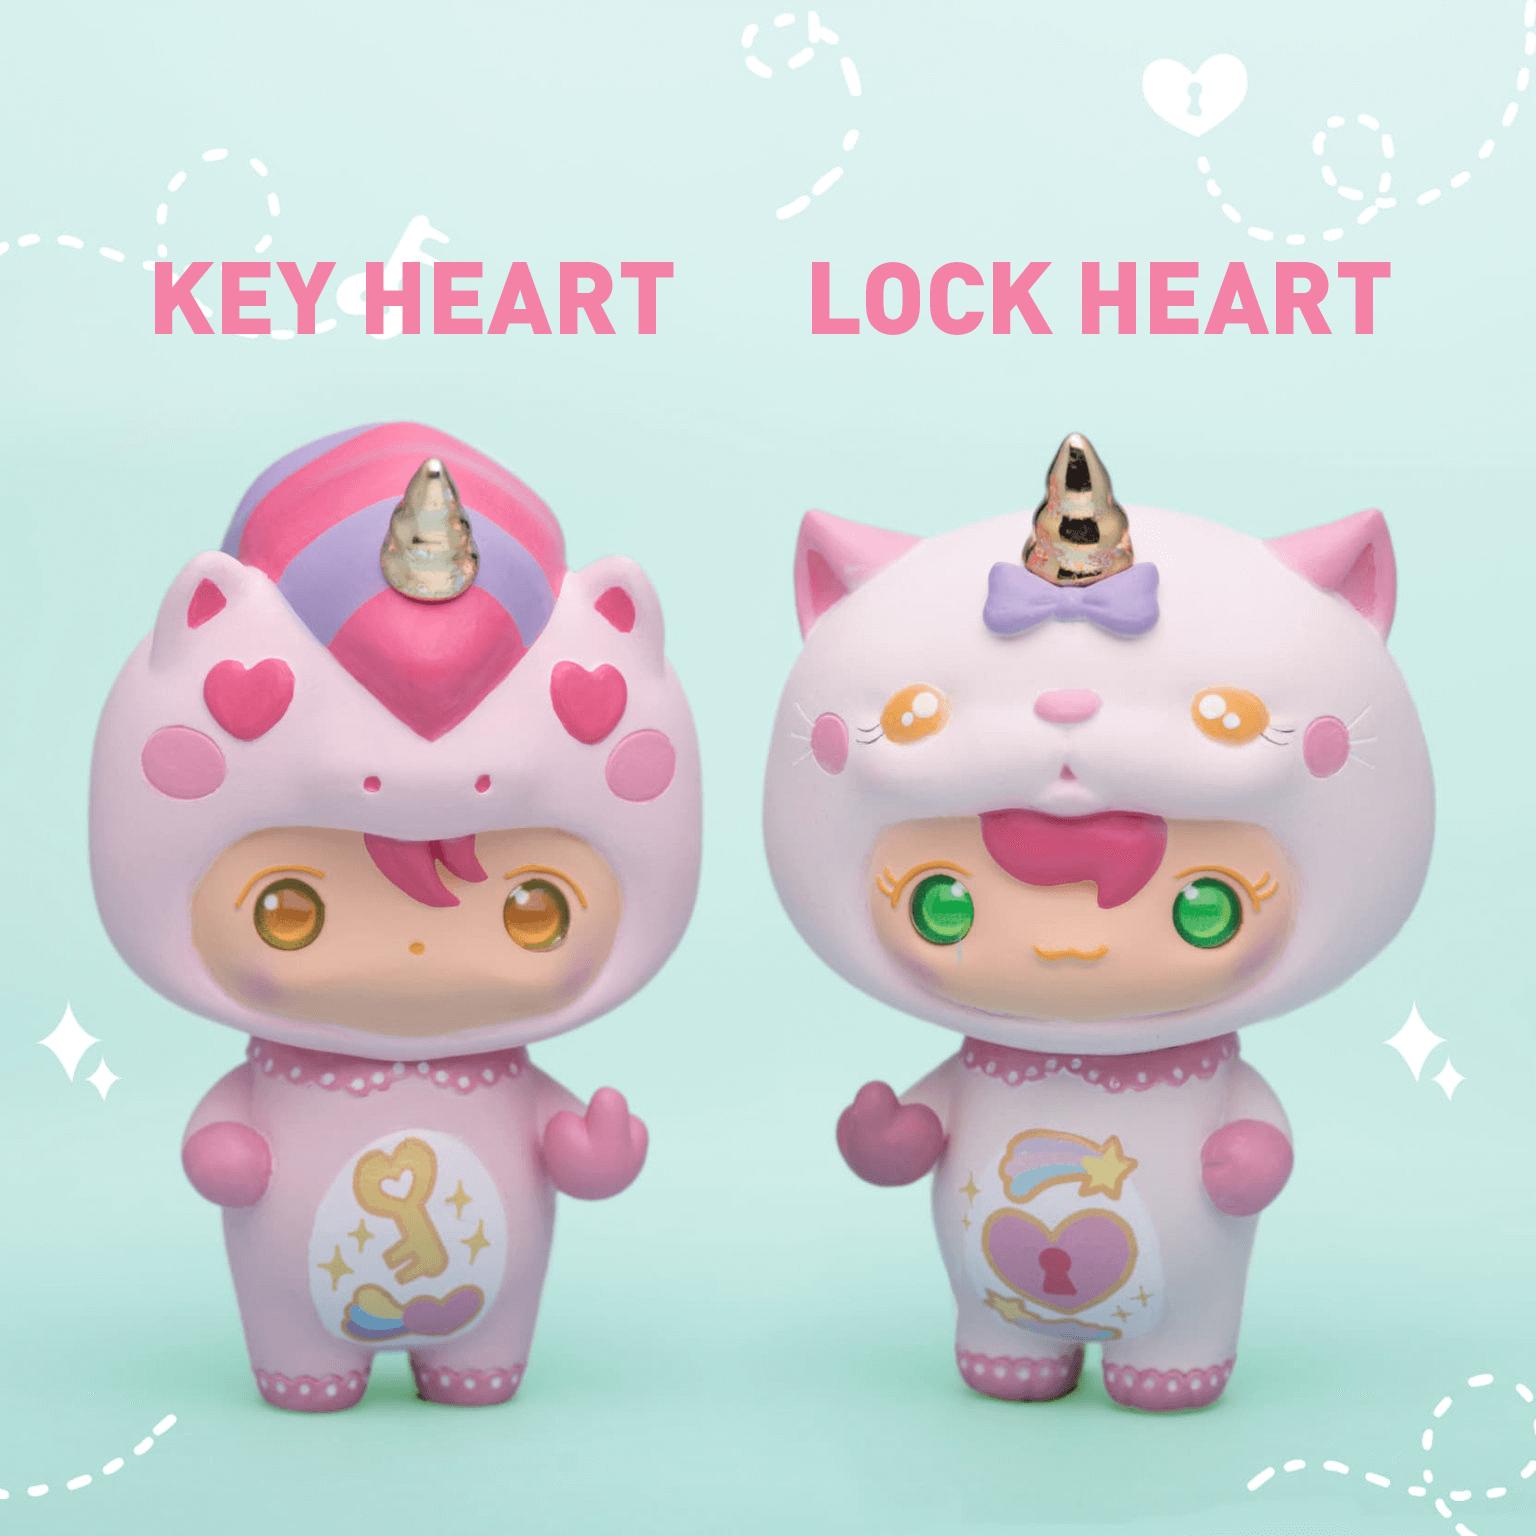 Quay-Fiin-Love-Magic-by-KiK-Toyz-Dcon2019-Frolic-The-Toy-Chronicle-heart